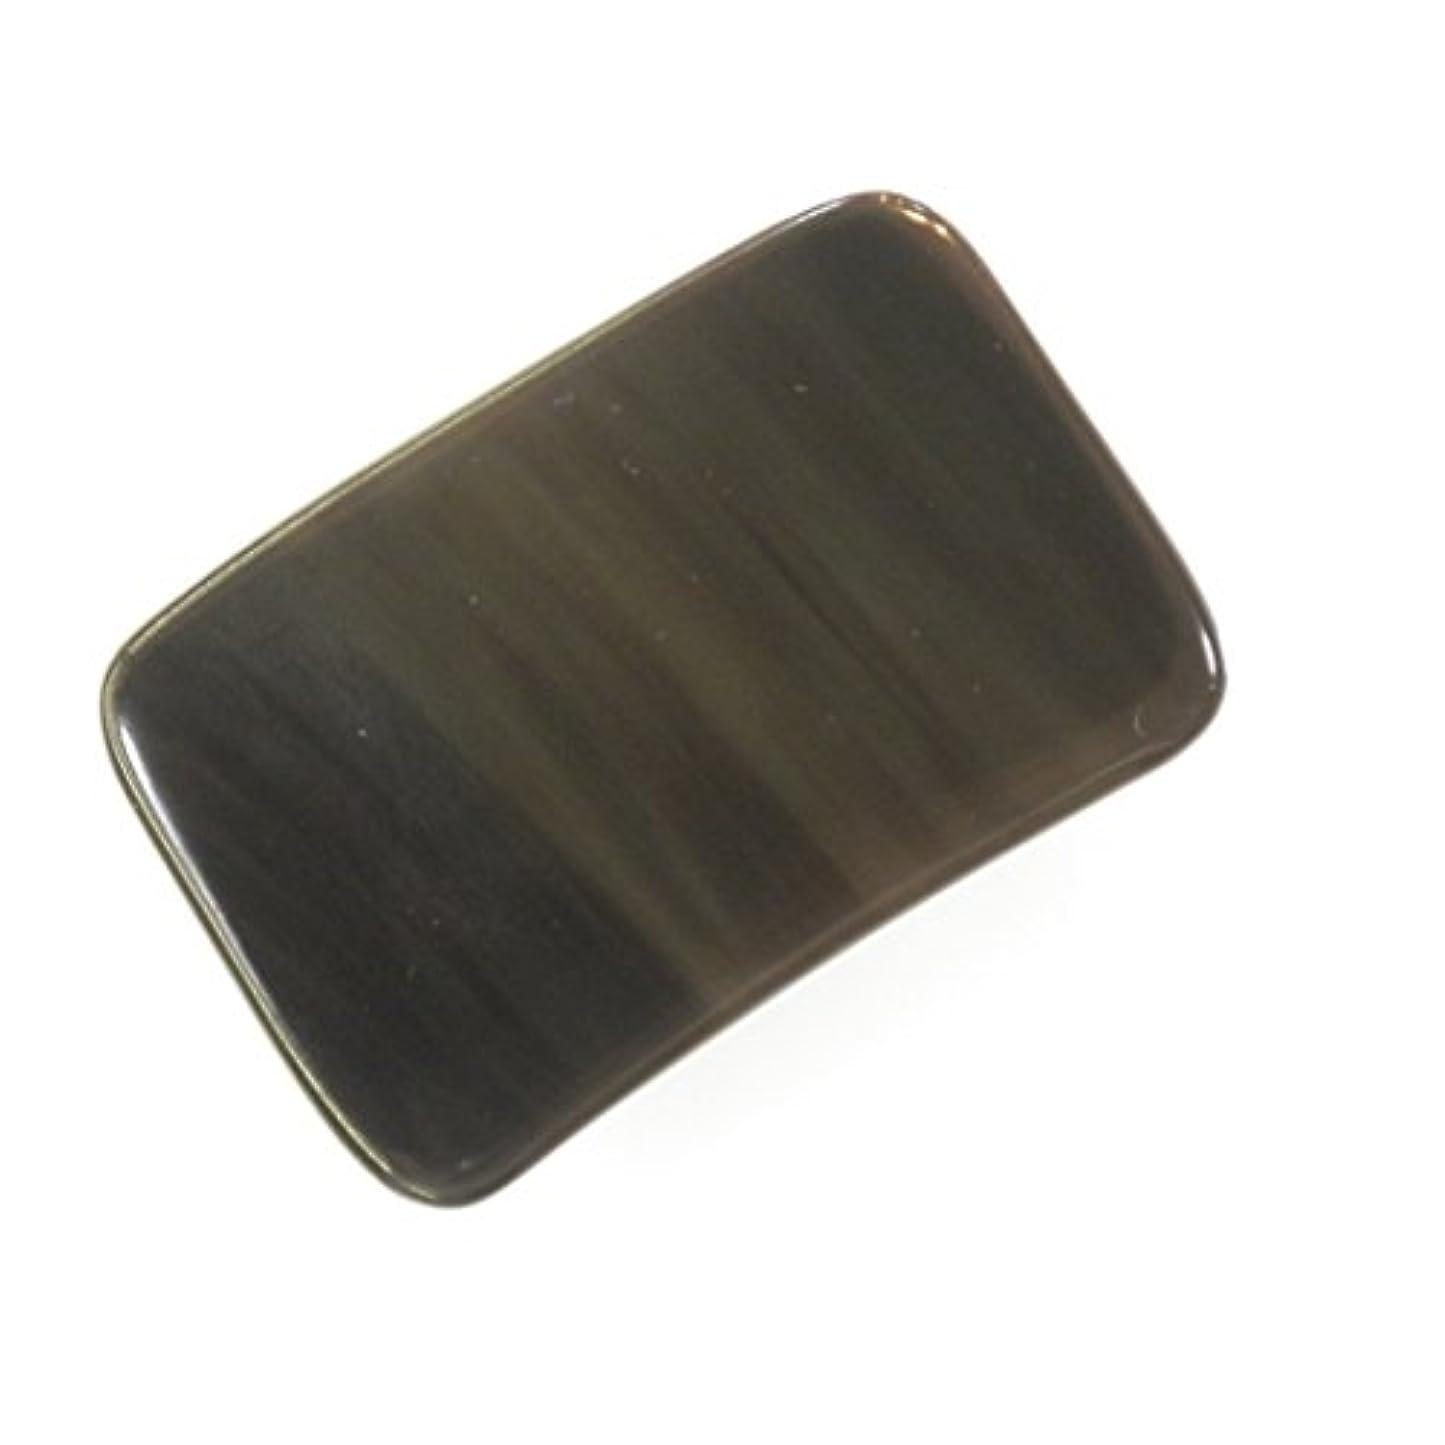 失効側溝事実上かっさ プレート 厚さが選べる 水牛の角(黒水牛角) EHE214 長方形小 一般品 少し厚め(7ミリ程度)